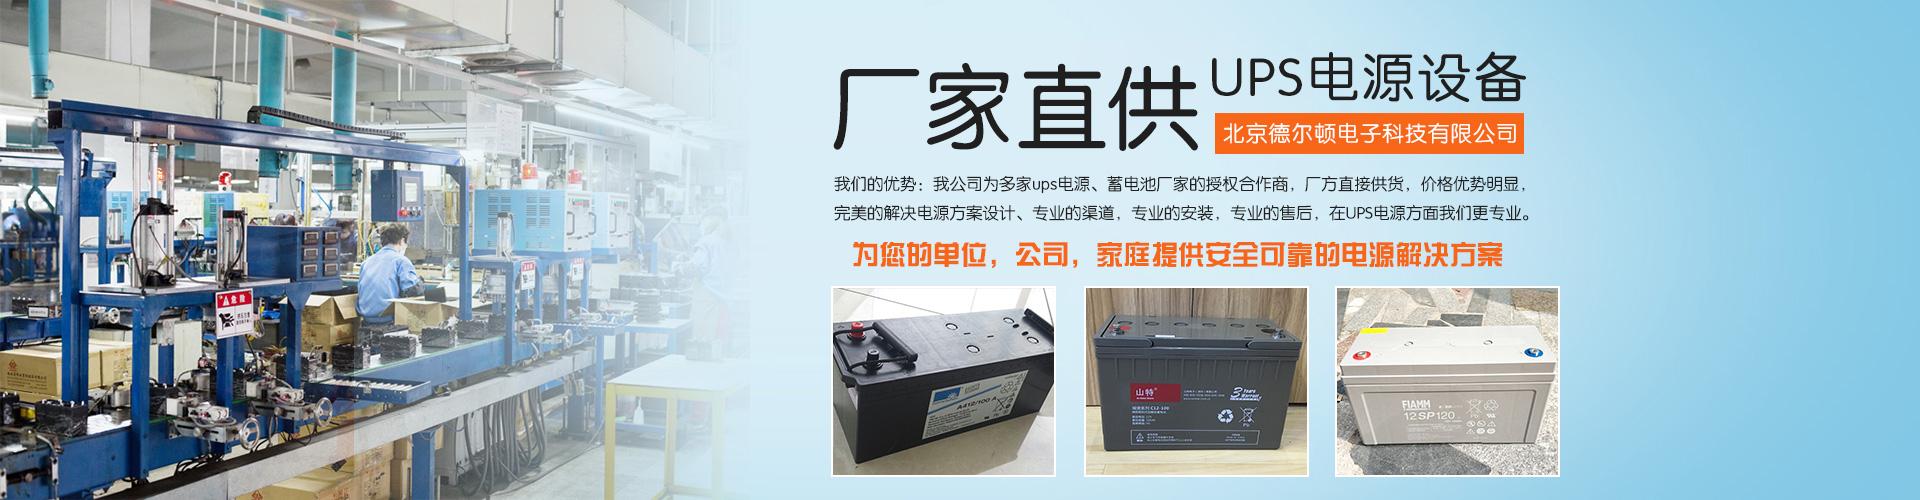 北京德尔顿电子科技有限公司